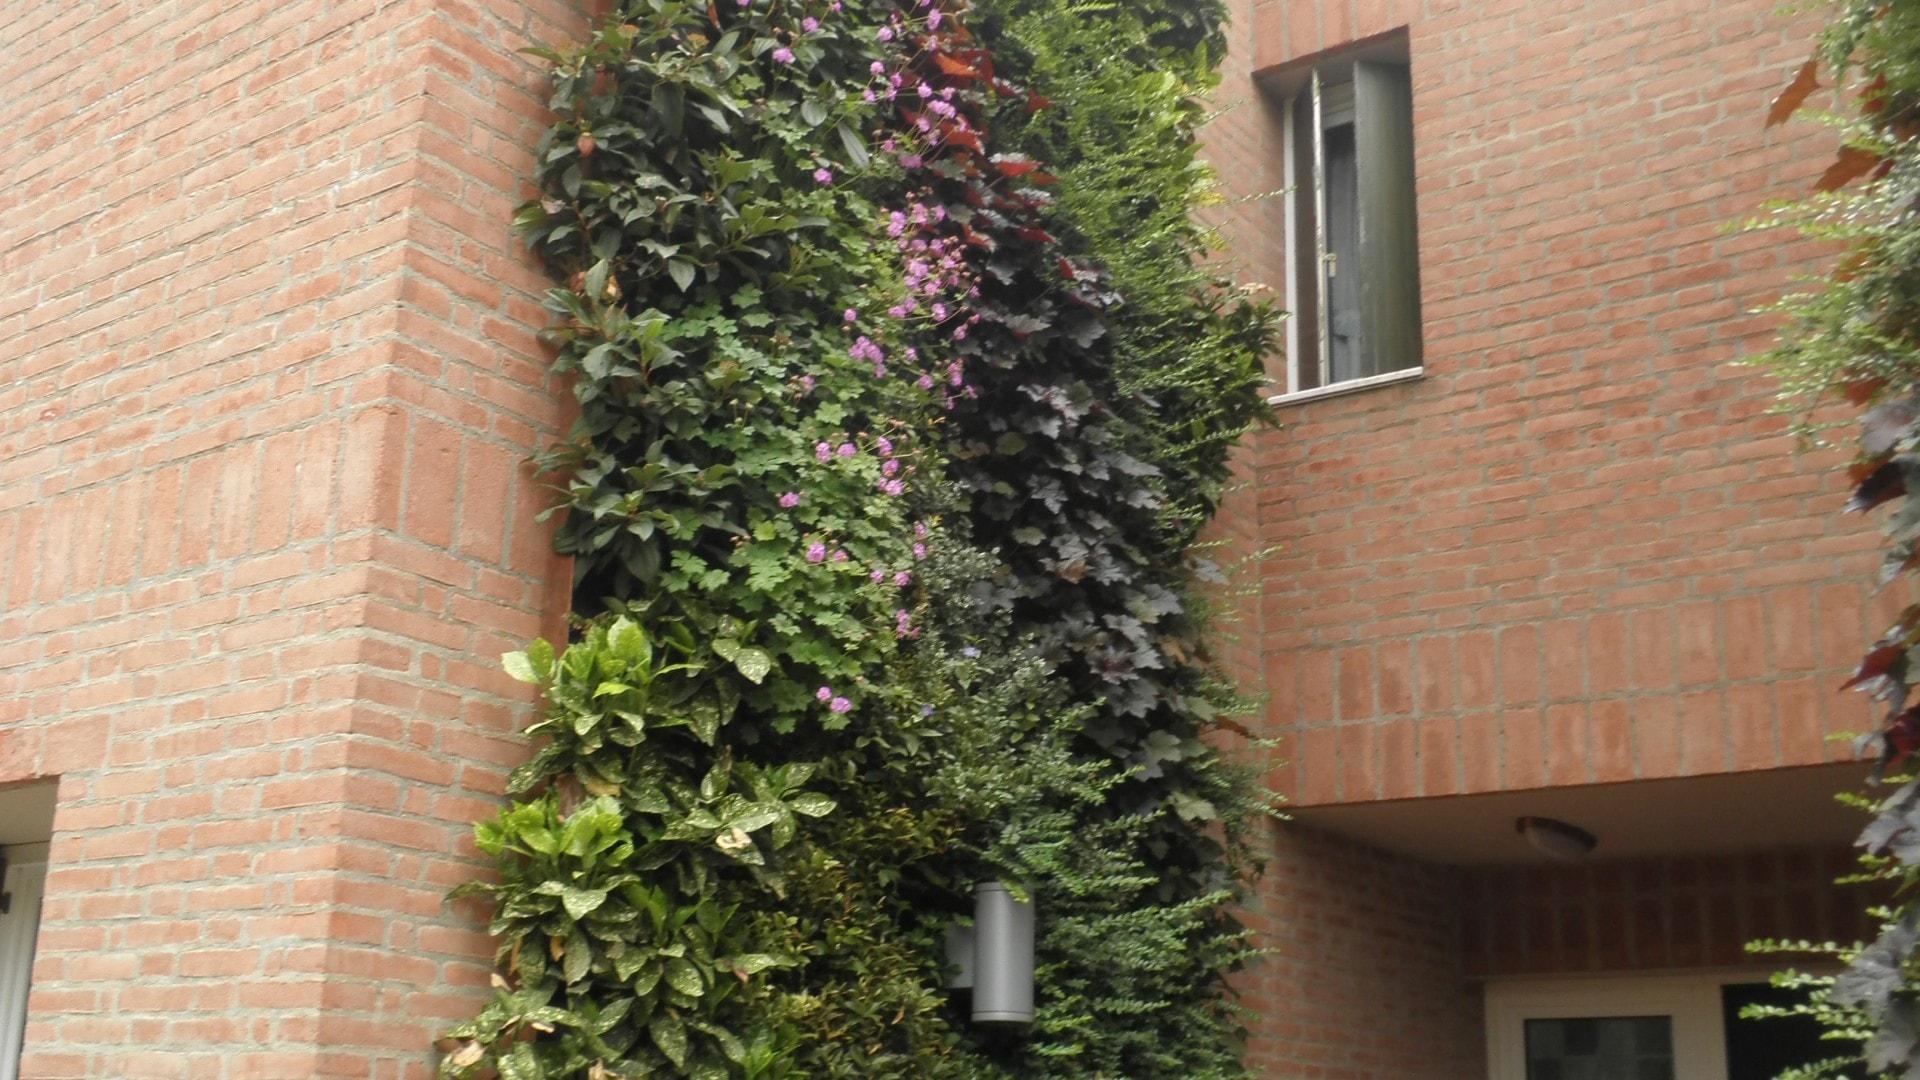 Pareti verdi brescia residenza privata sandrini for Pareti verdi verticali